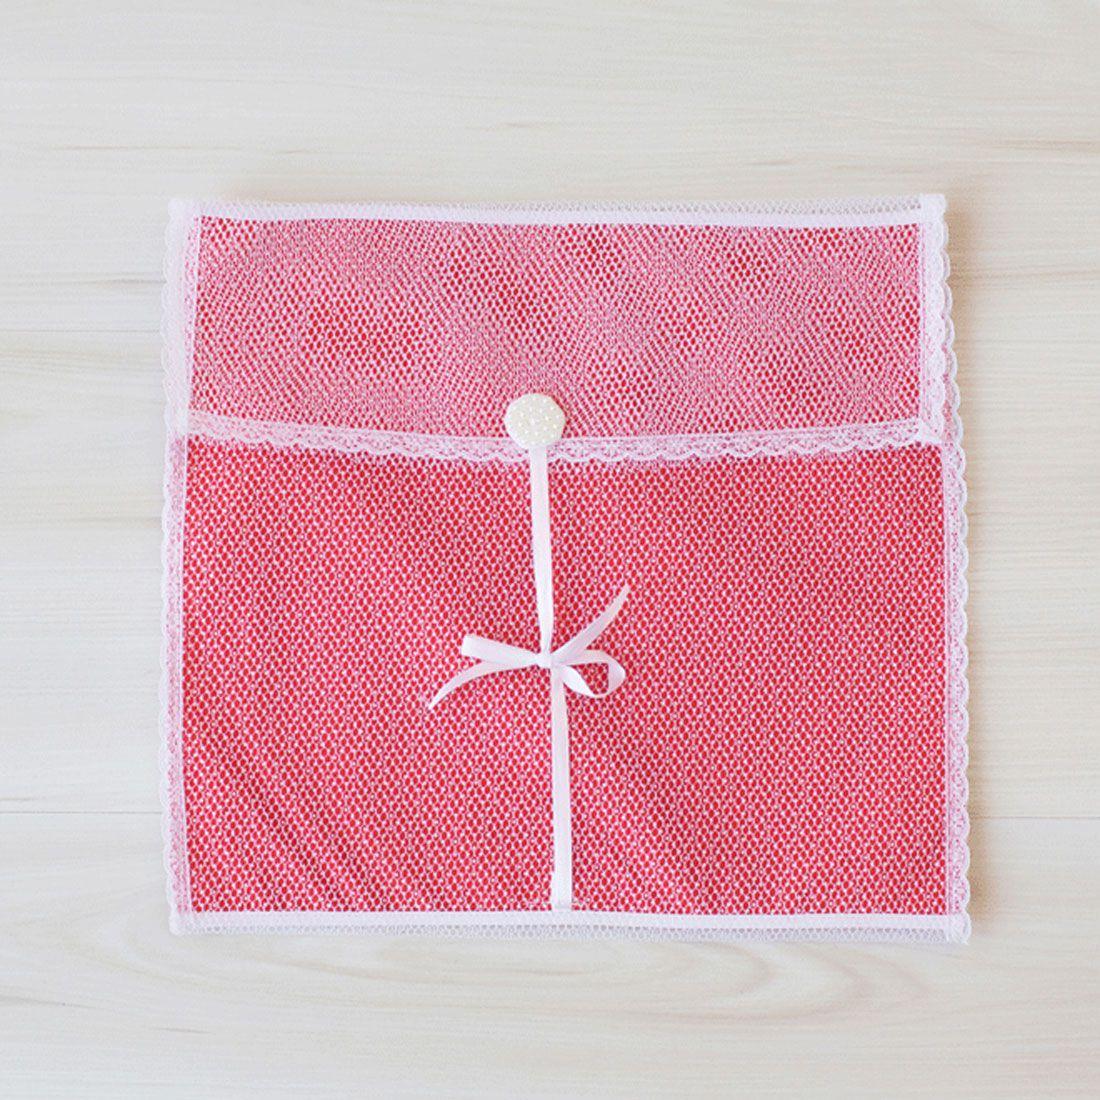 Saquinhos Maternidade Médio para Roupas Duplo Tule Poá Vermelho e Branco com Pérolas